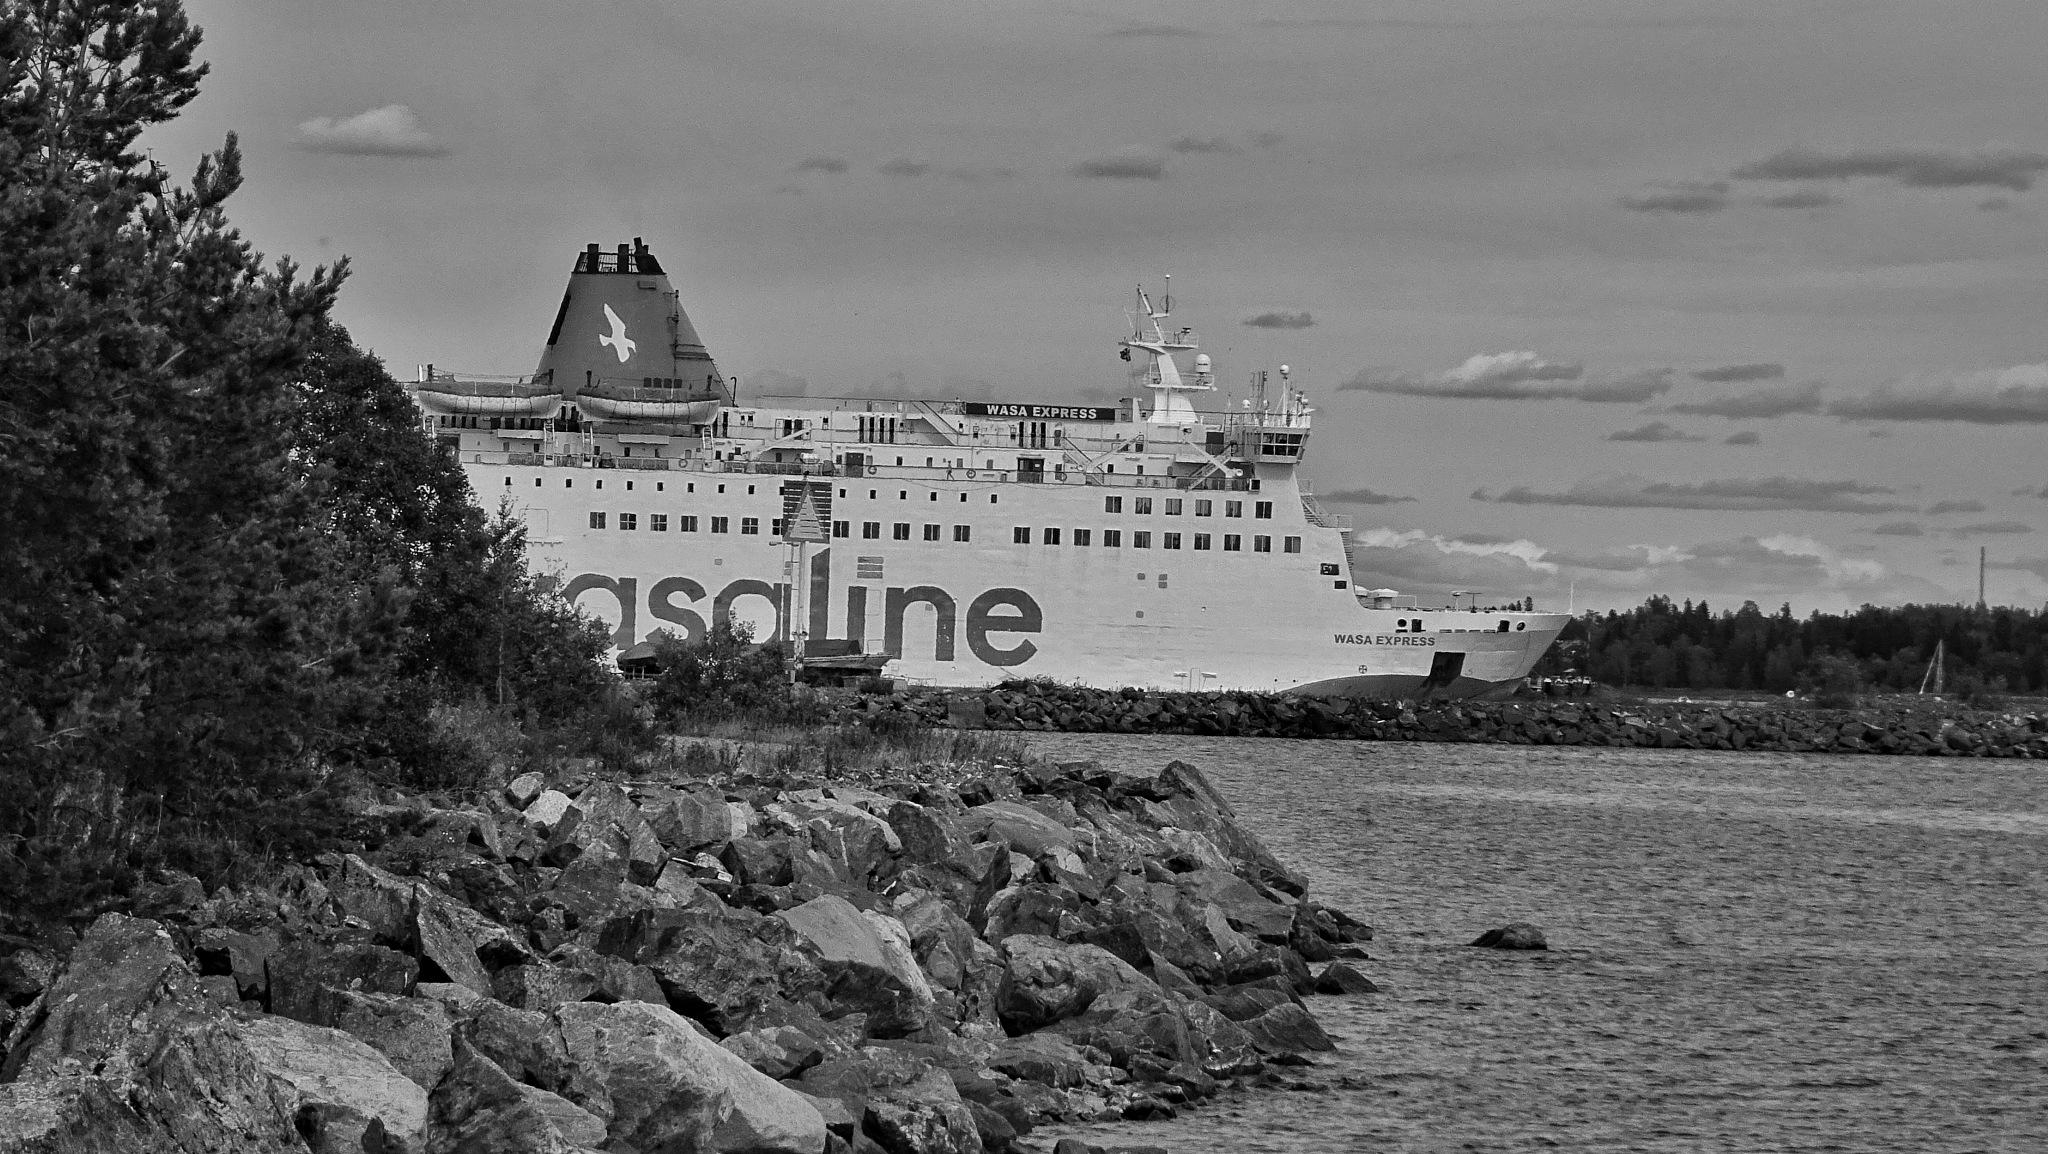 ferry in bw  by Pelle Westberg